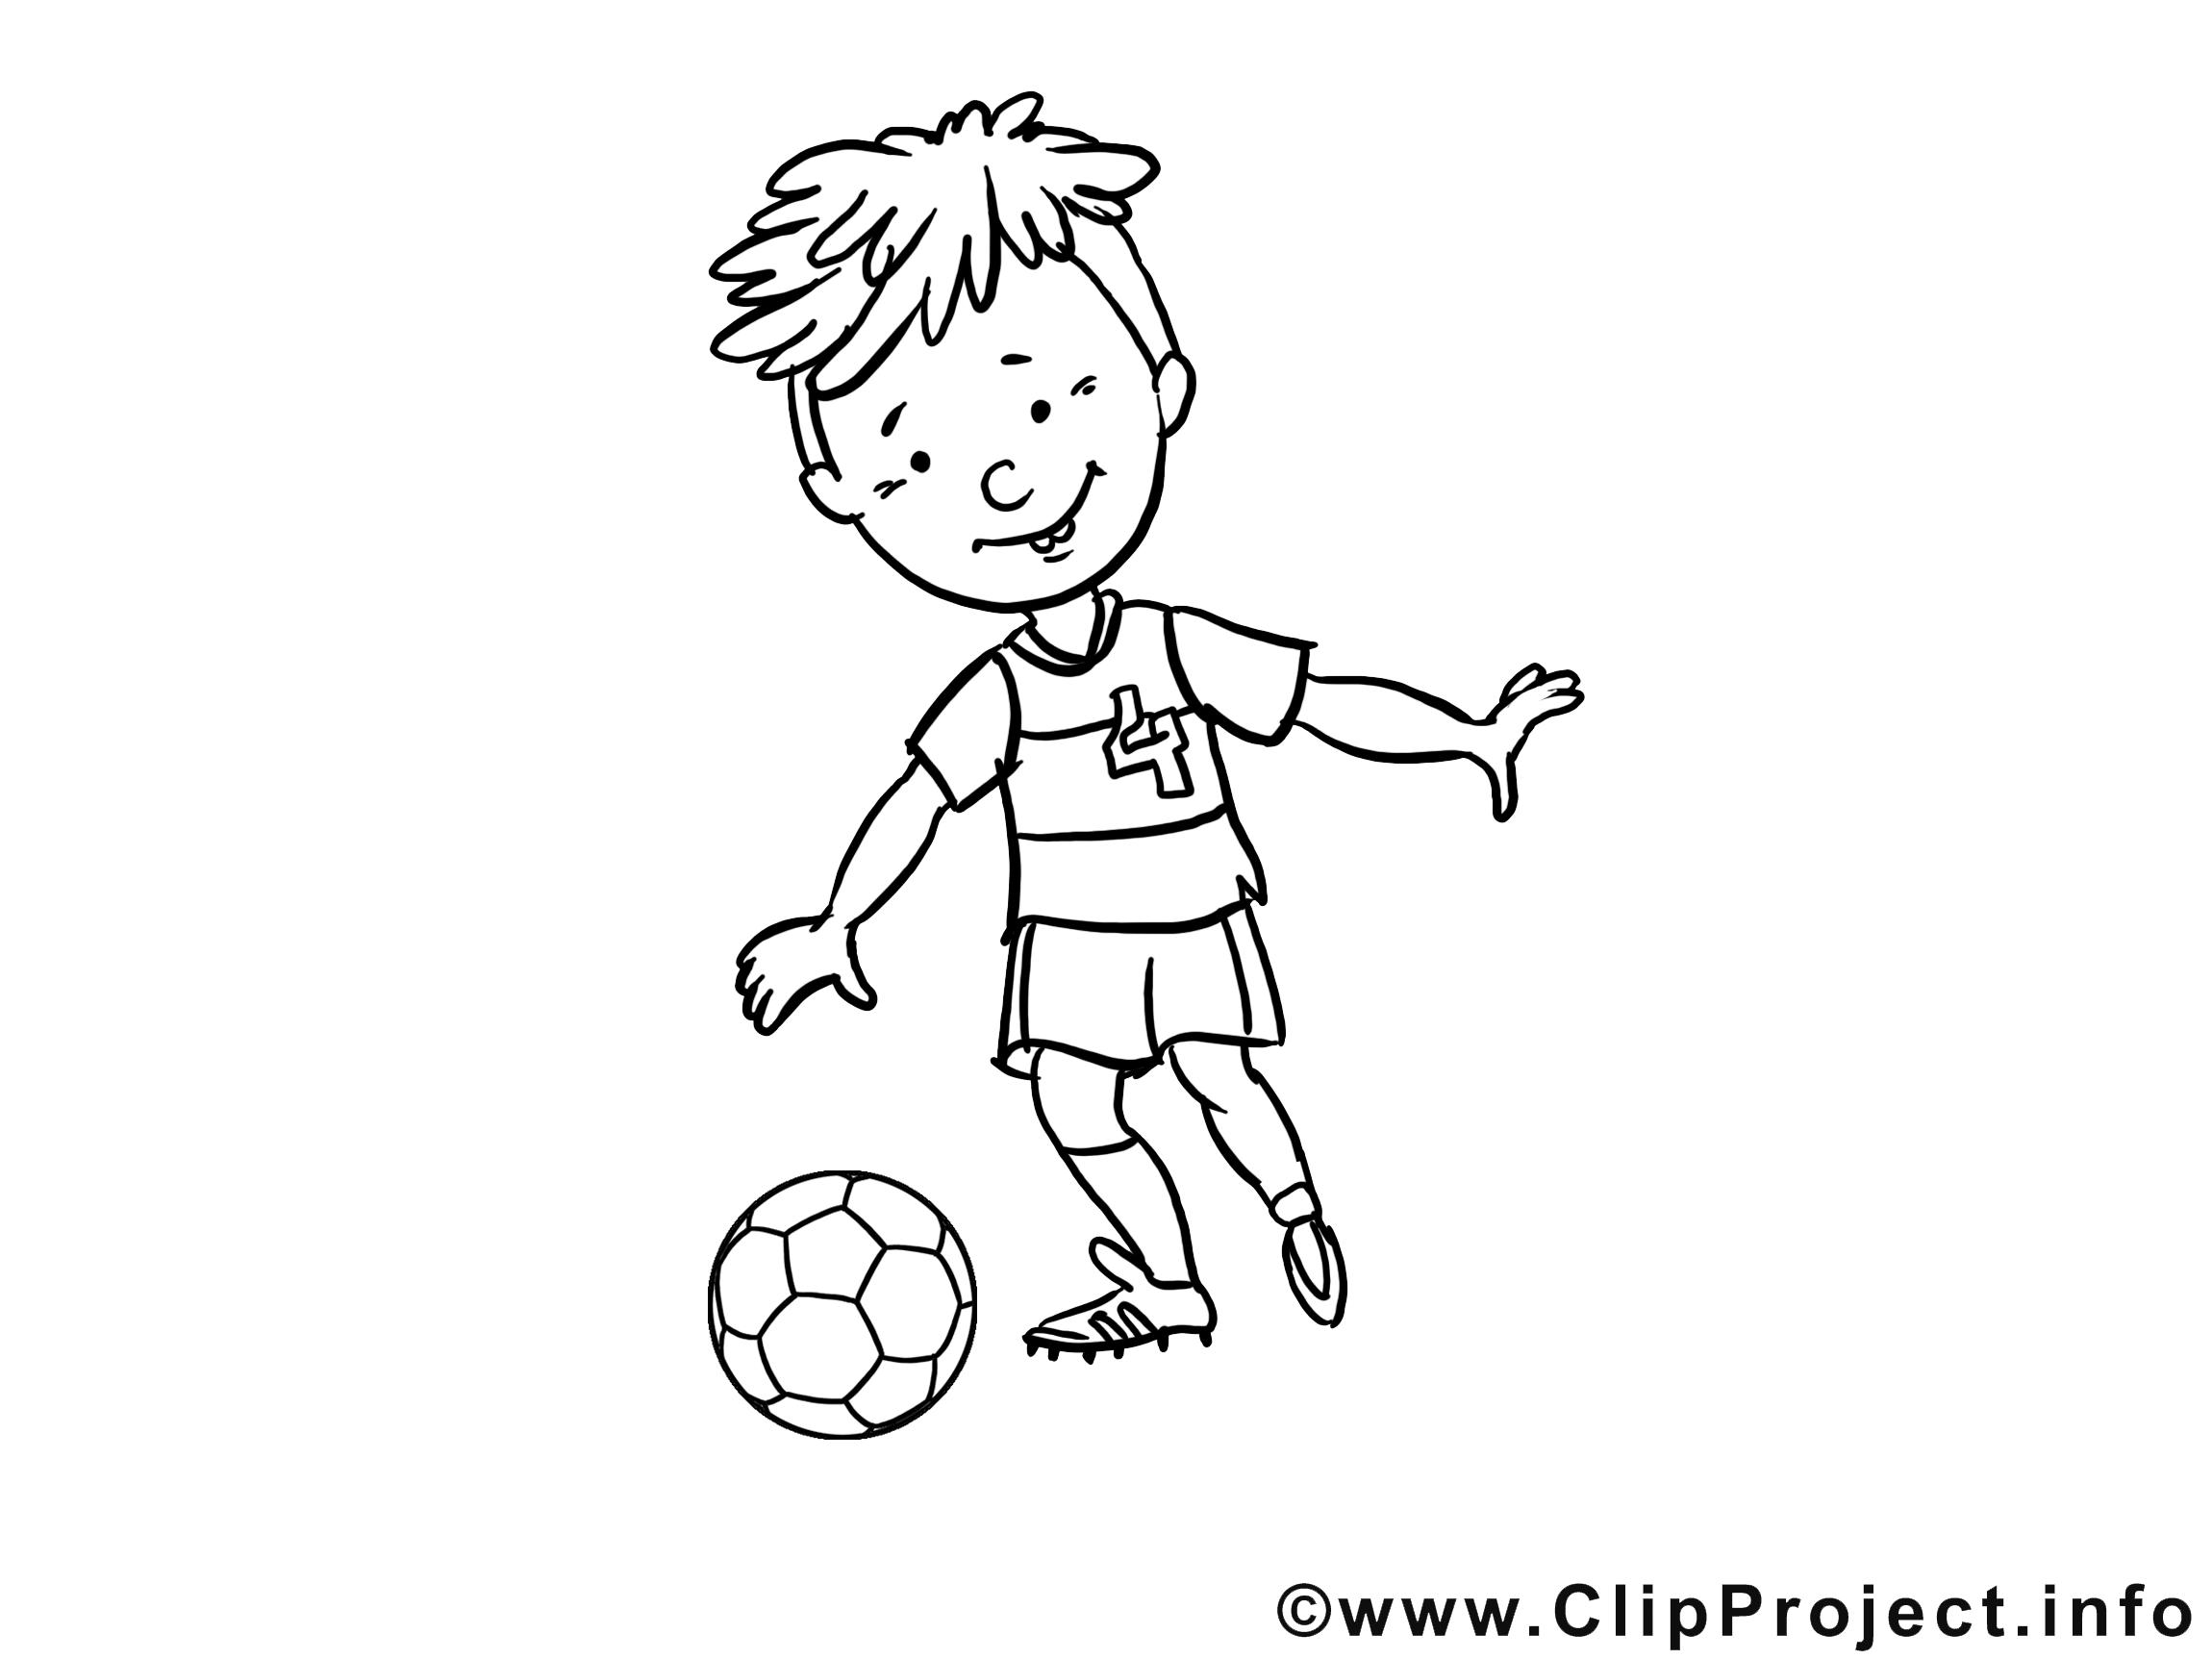 Garçon image à imprimer – Football clipart